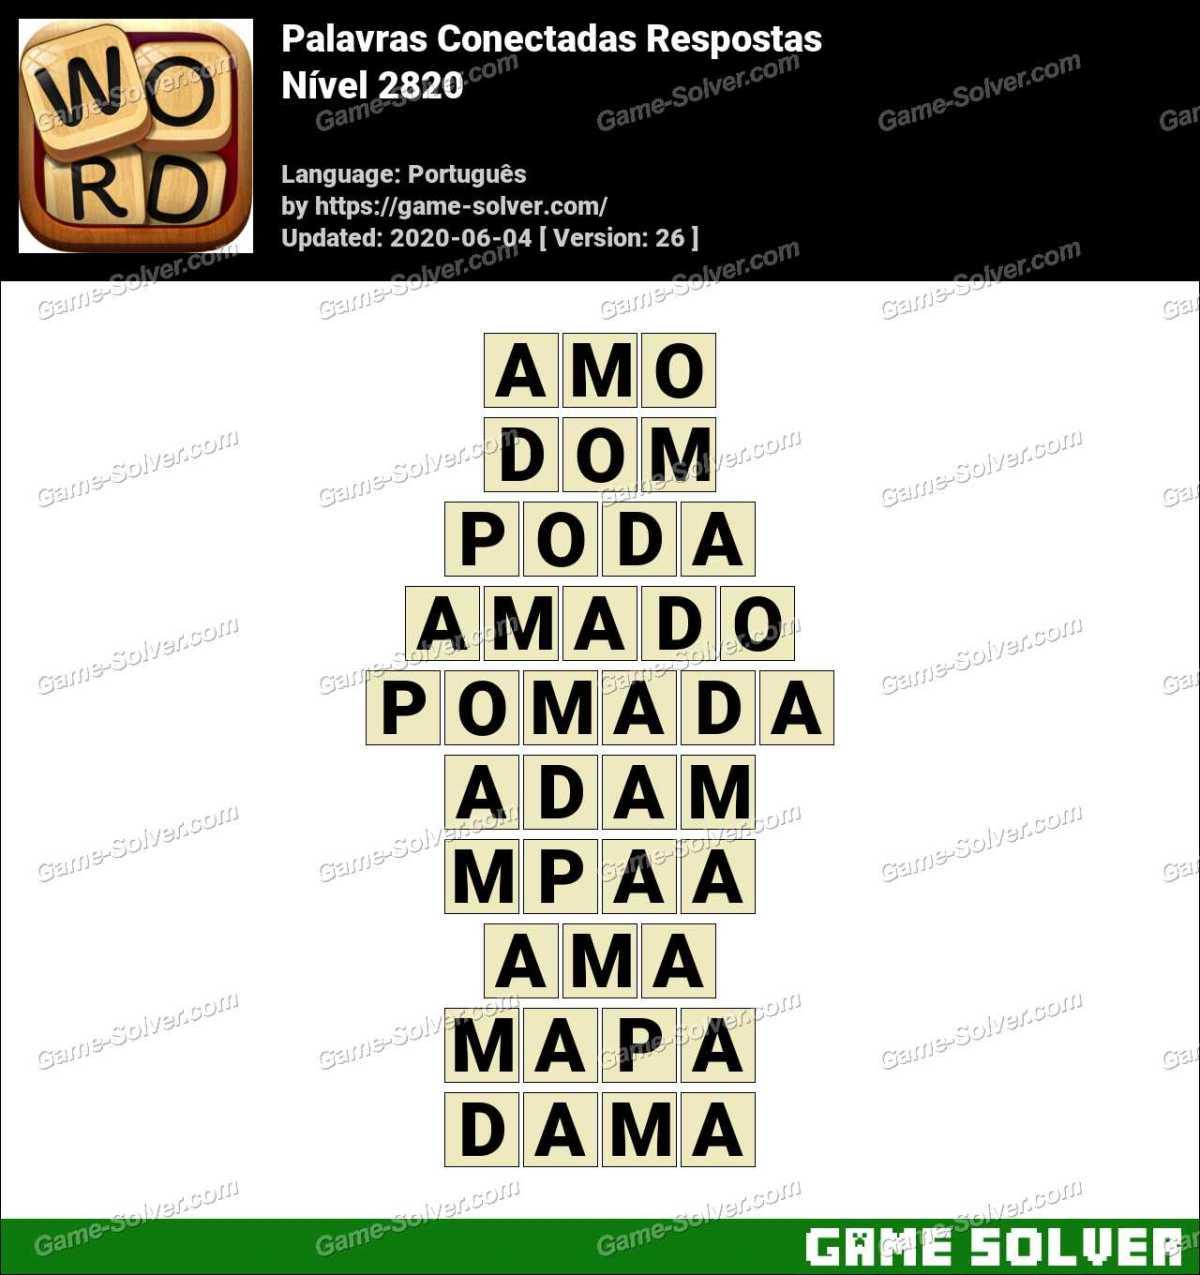 Palavras Conectadas Nivel 2820 Respostas